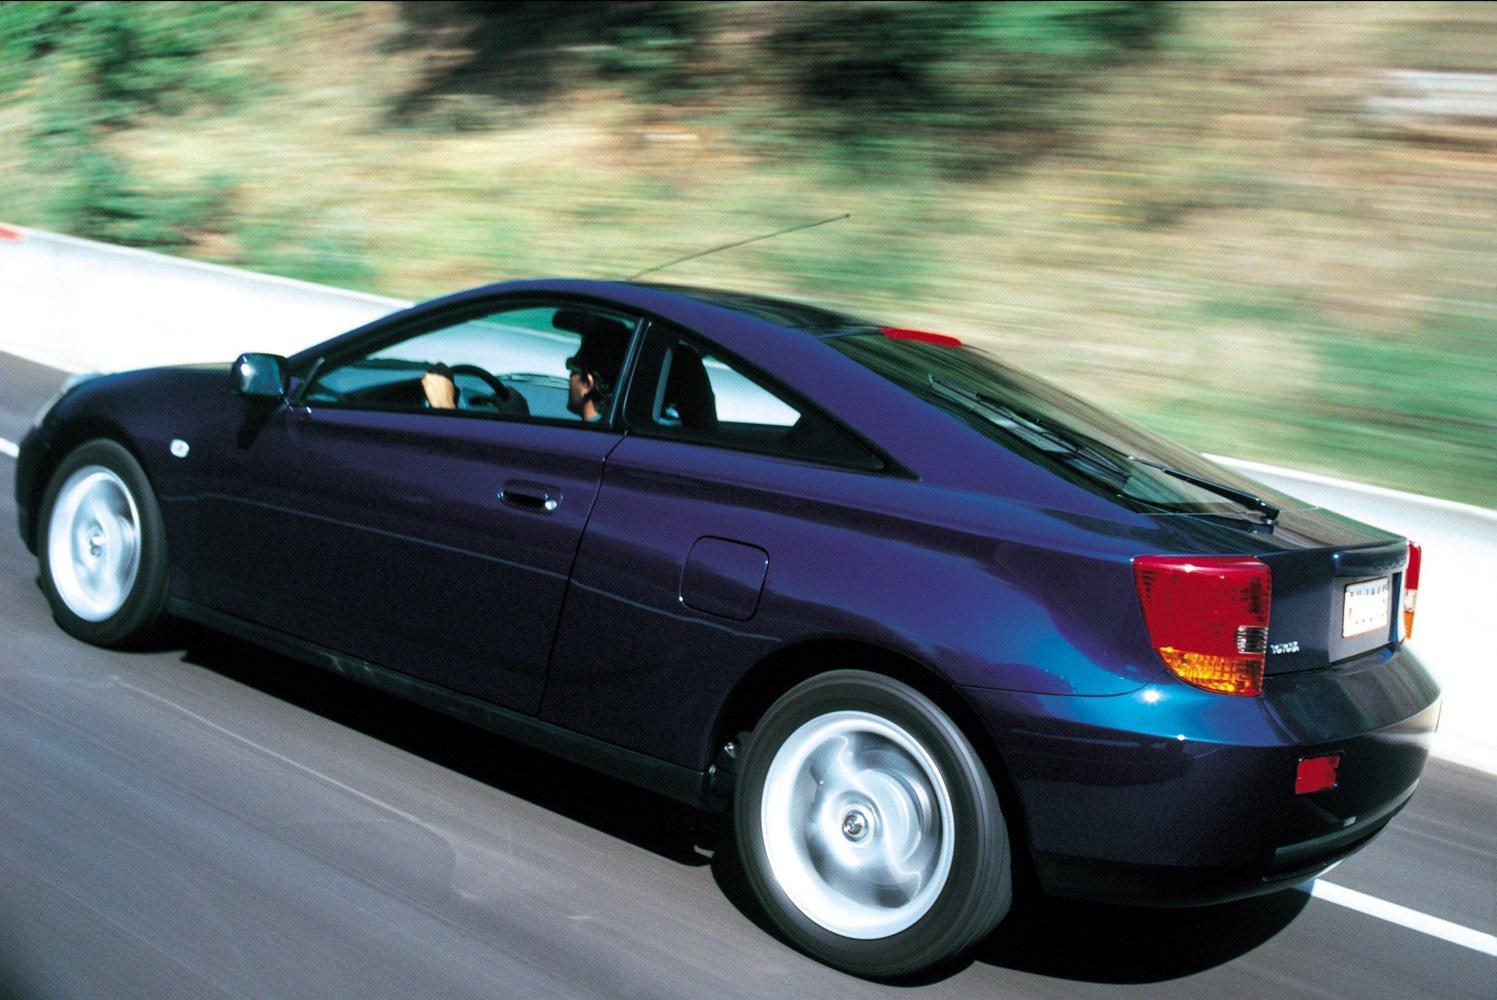 Toyota Селика максимальная скорость #5